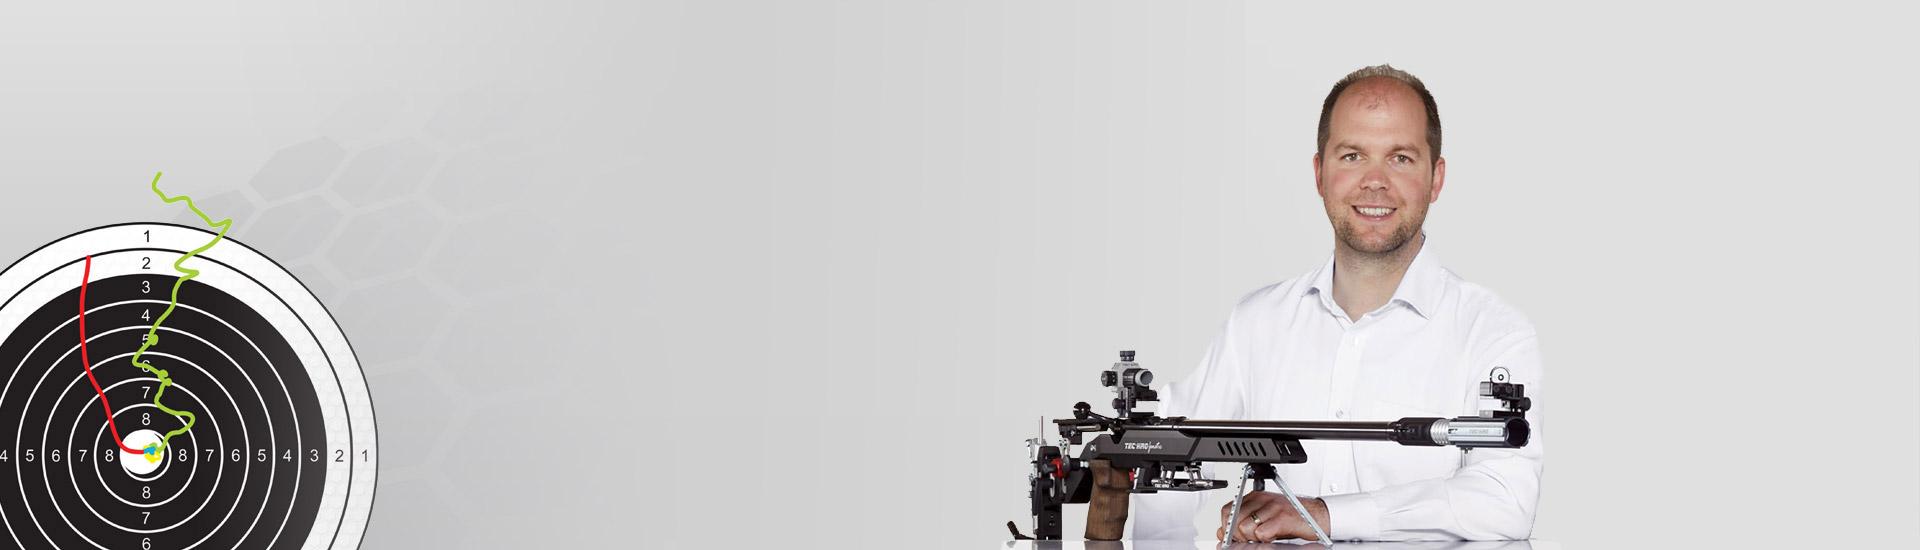 TEC-HRO Shooting Equipment